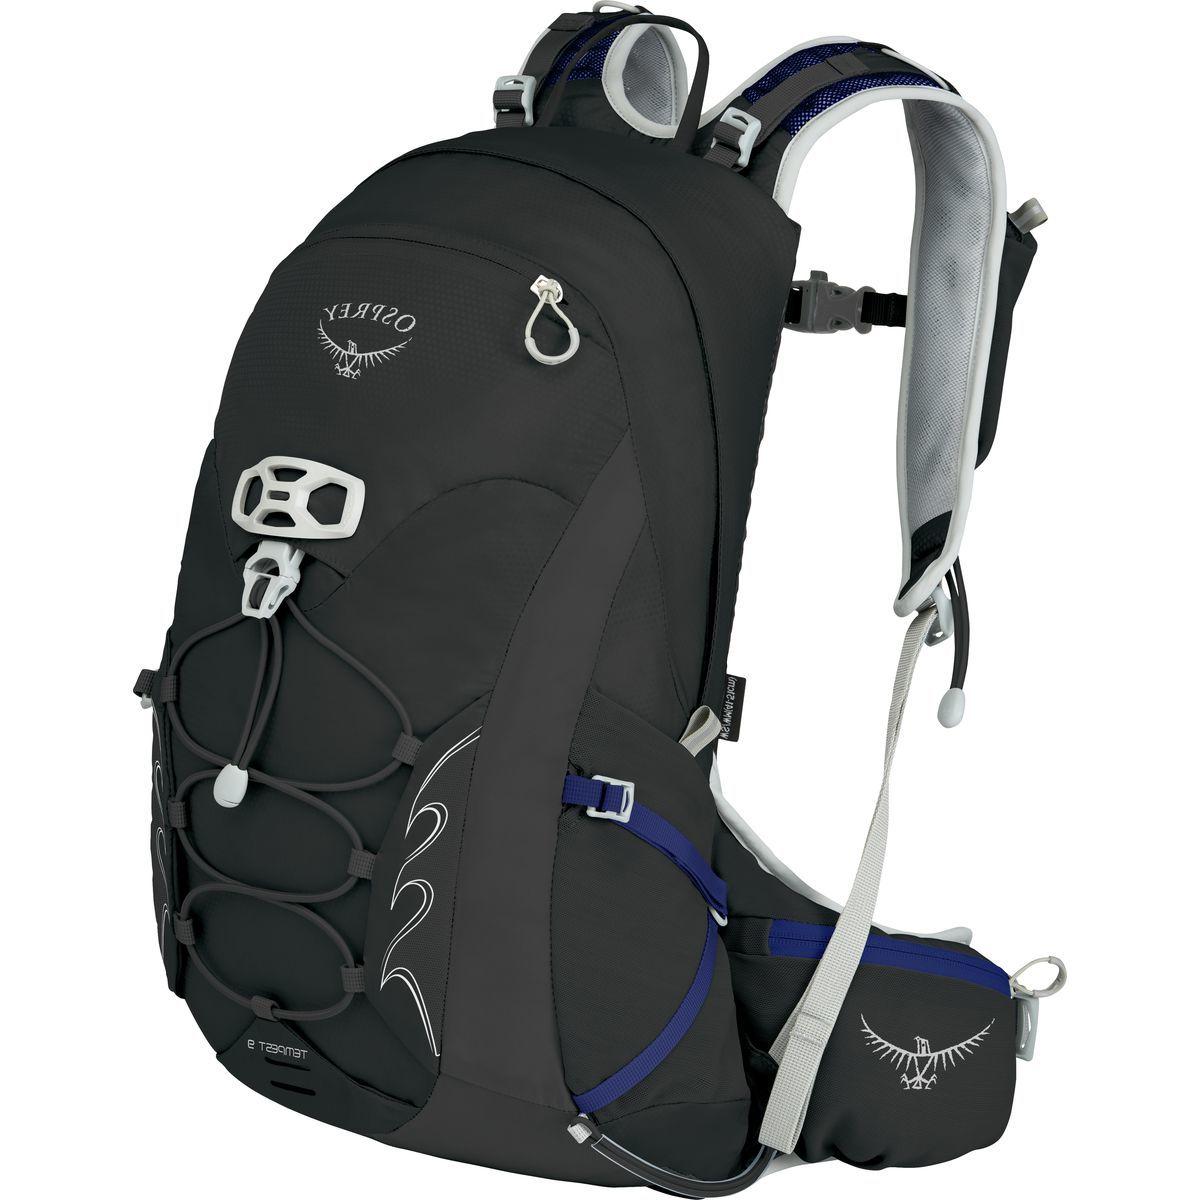 Osprey Packs Tempest 9L Backpack - Women's